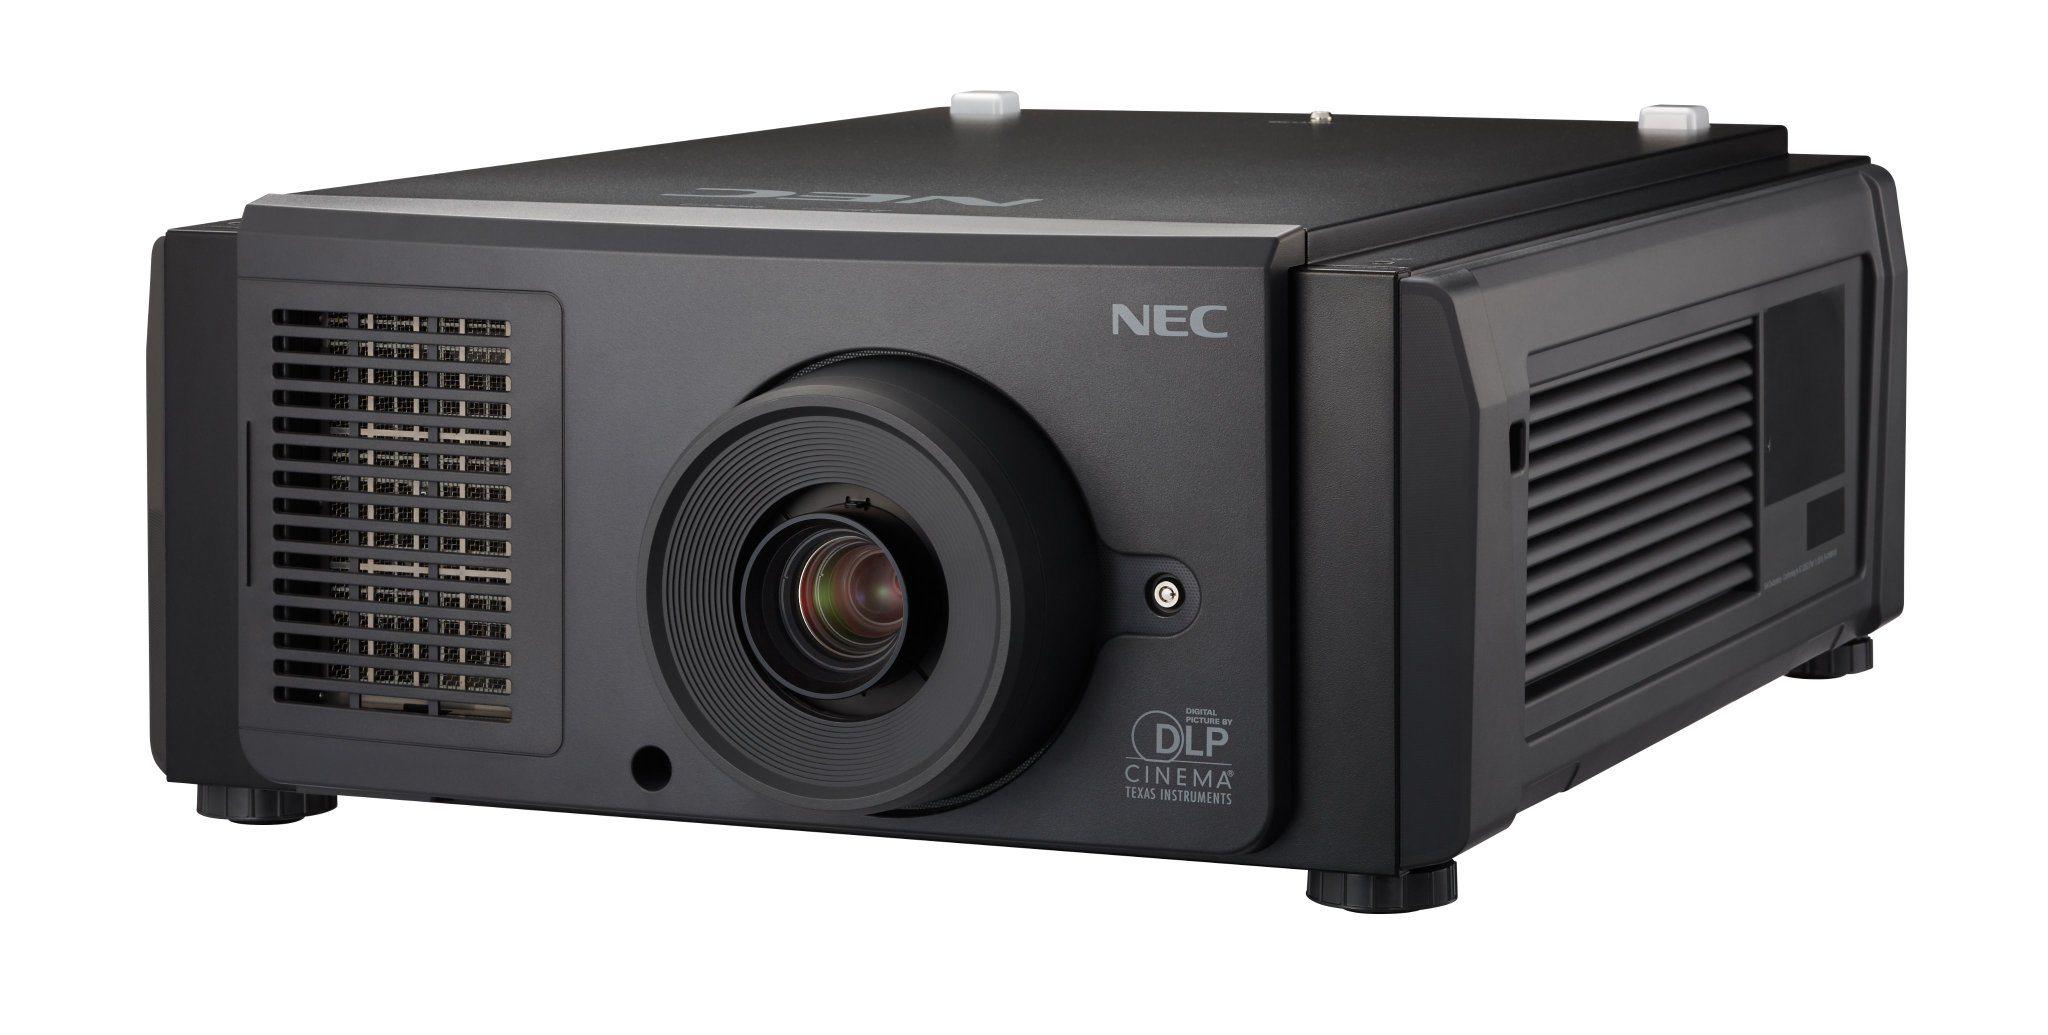 NEC's NC1700L Projector